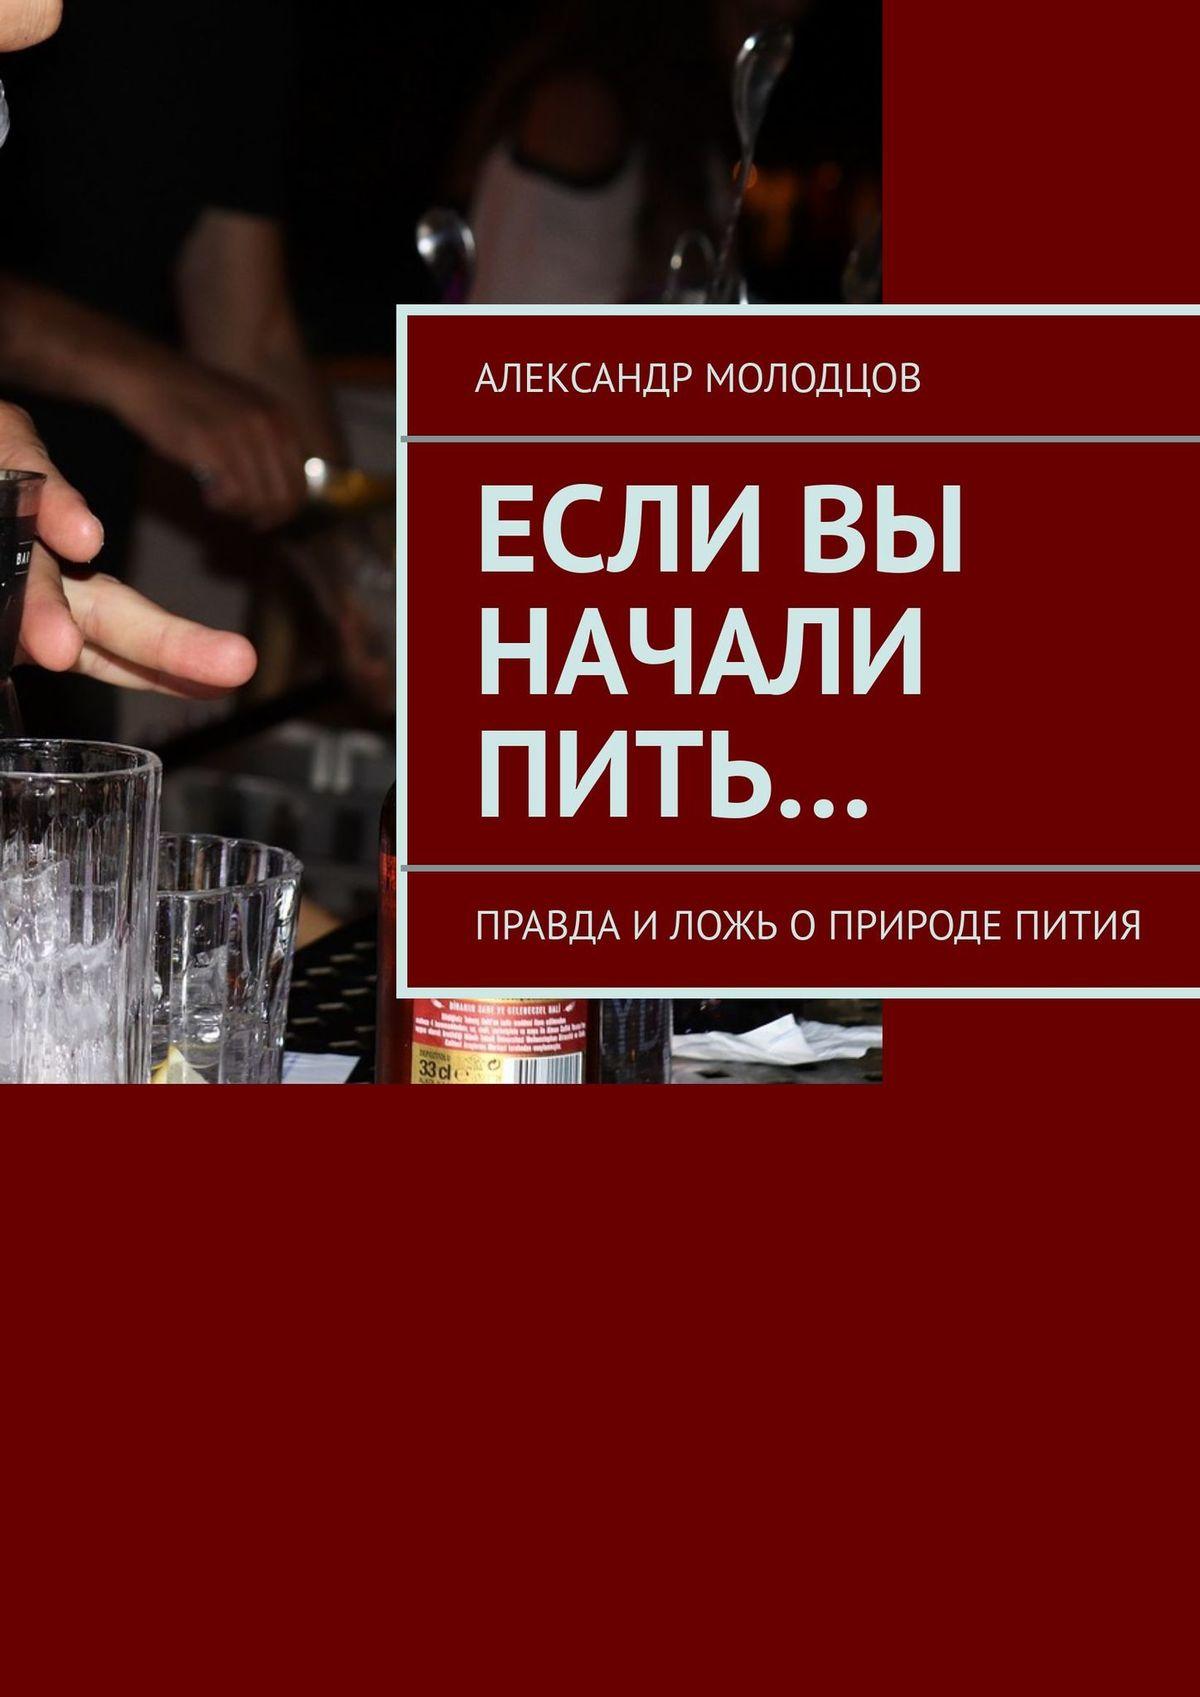 Александр Молодцов Если вы начали пить… Правда иложь оприроде пития александр молодцов если вы начали пить правда и ложь о природе пития